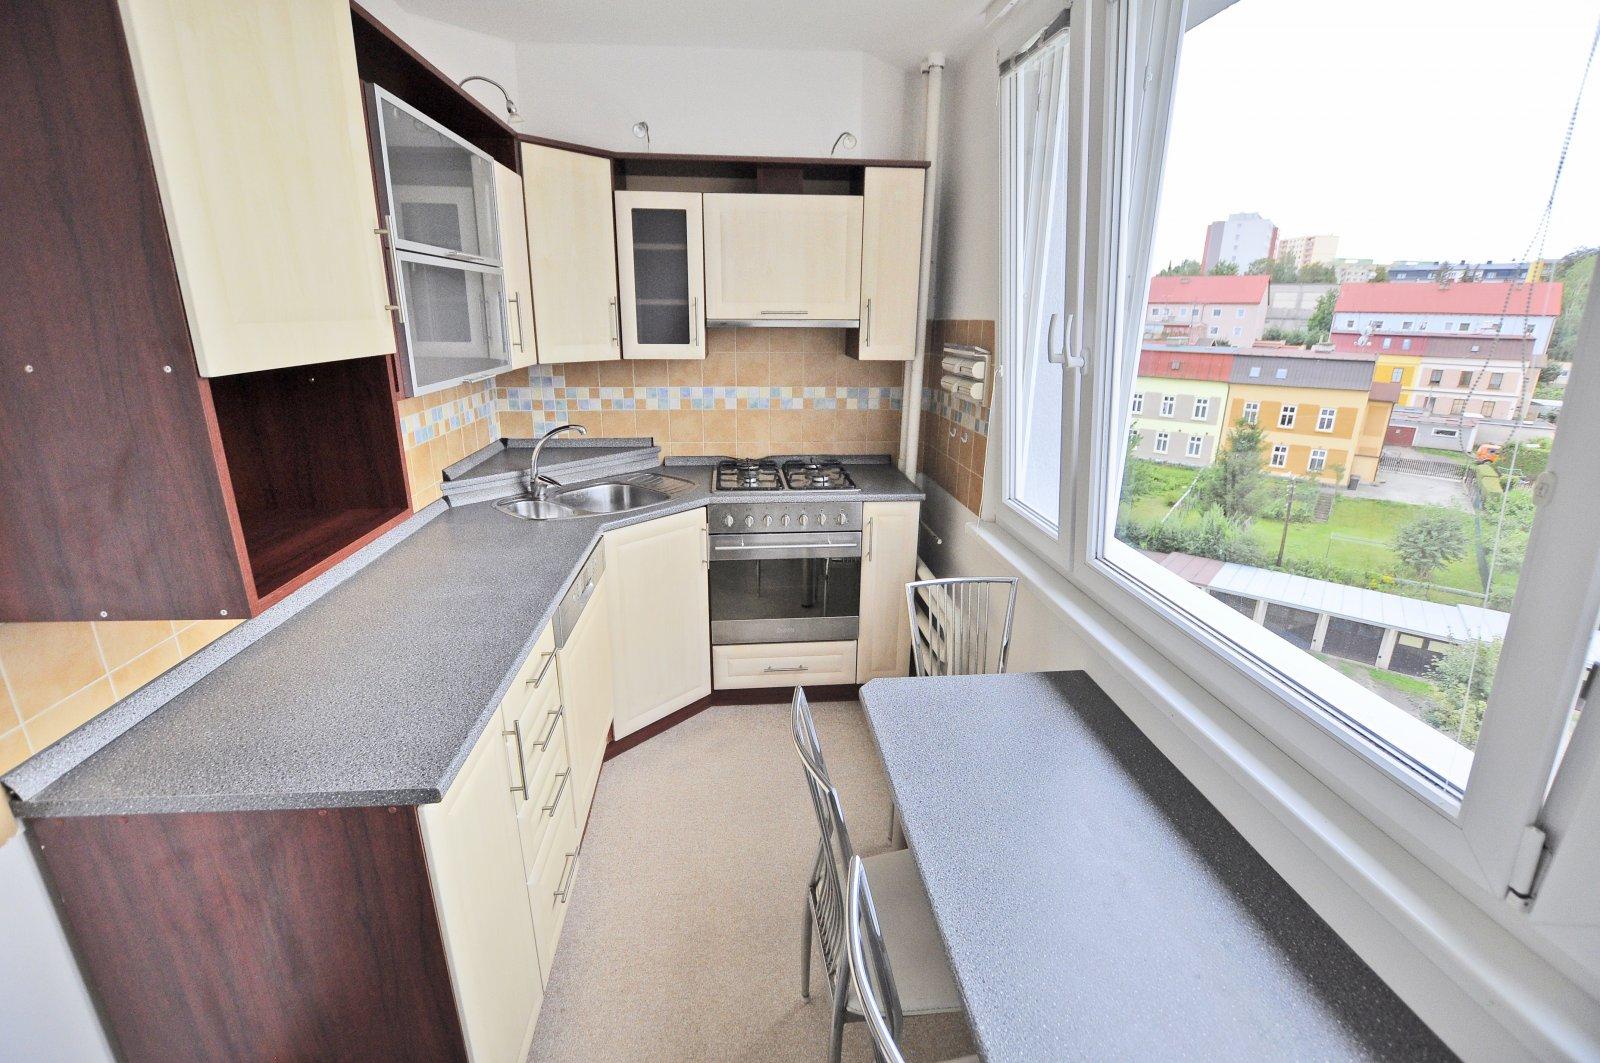 Rezervováno: Byt 3+1 s lodžií, po rekonstrukci, Trutnov - centrum, ulice Křižíkova